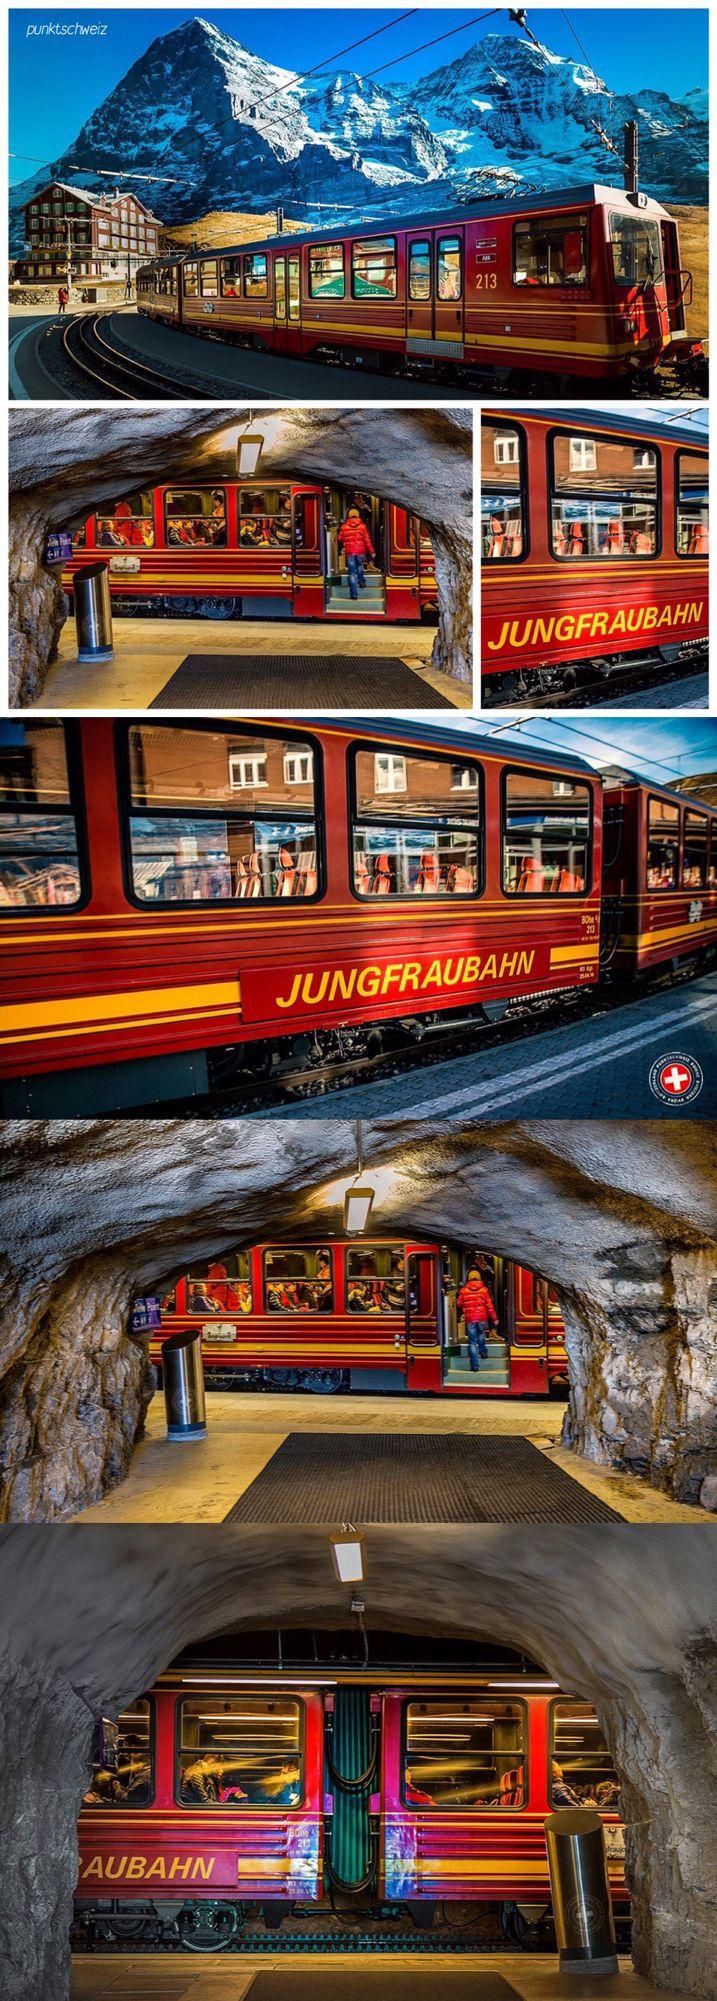 Die Jungfraubahn - Kleine Scheidegg © https://youtu.be/0JTb5xW4S-s - #Jungfraujoch #TopofEurope #Switzerland #Swisspictures - https://www.youtube.com/channel/UCU8oI15ET4xMuM1kGyots8A